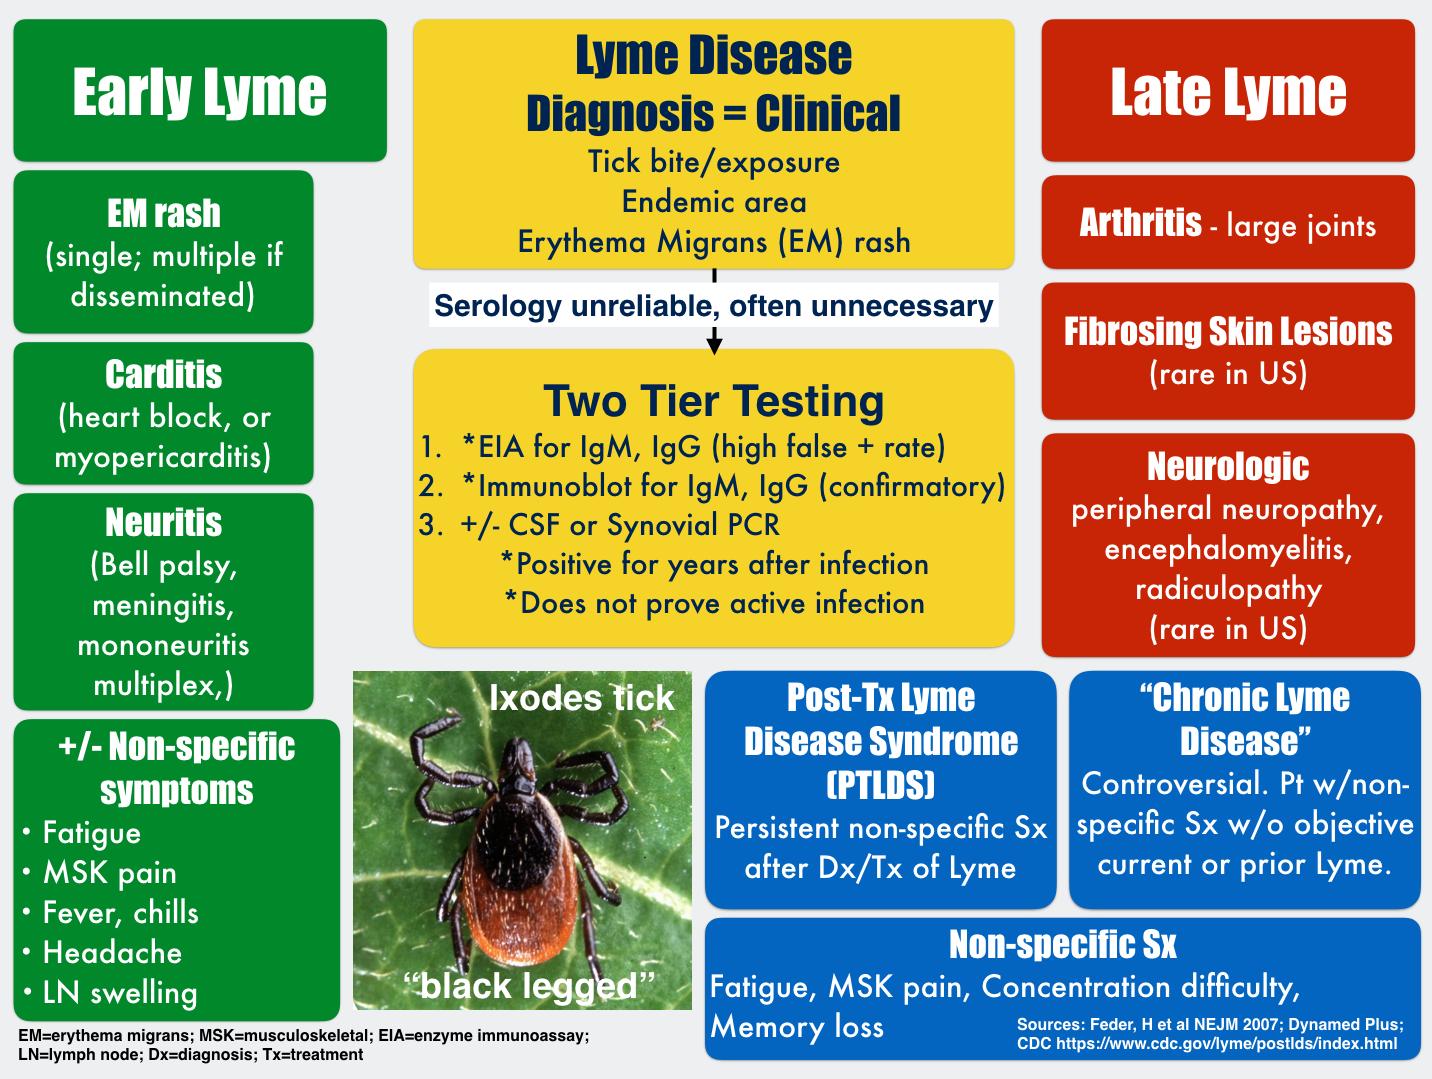 doxycycline for lyme